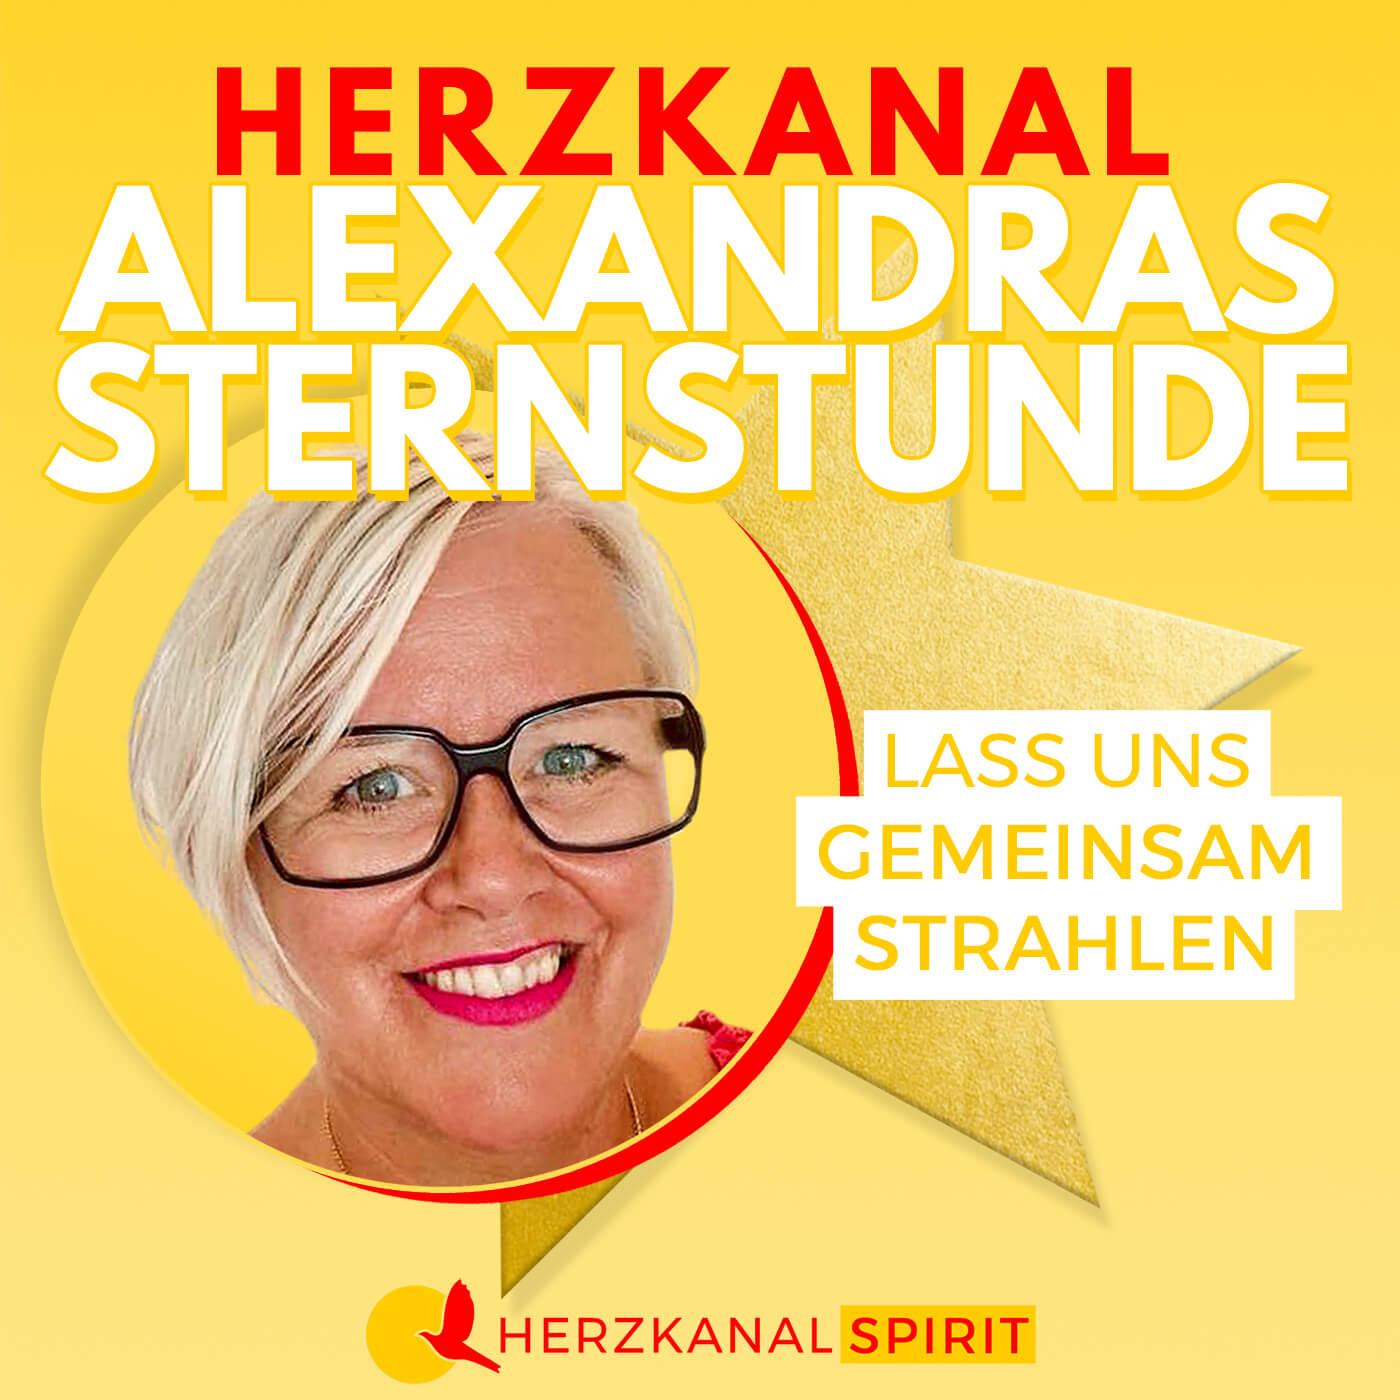 Herzkanal - Alexandras Sternstunde